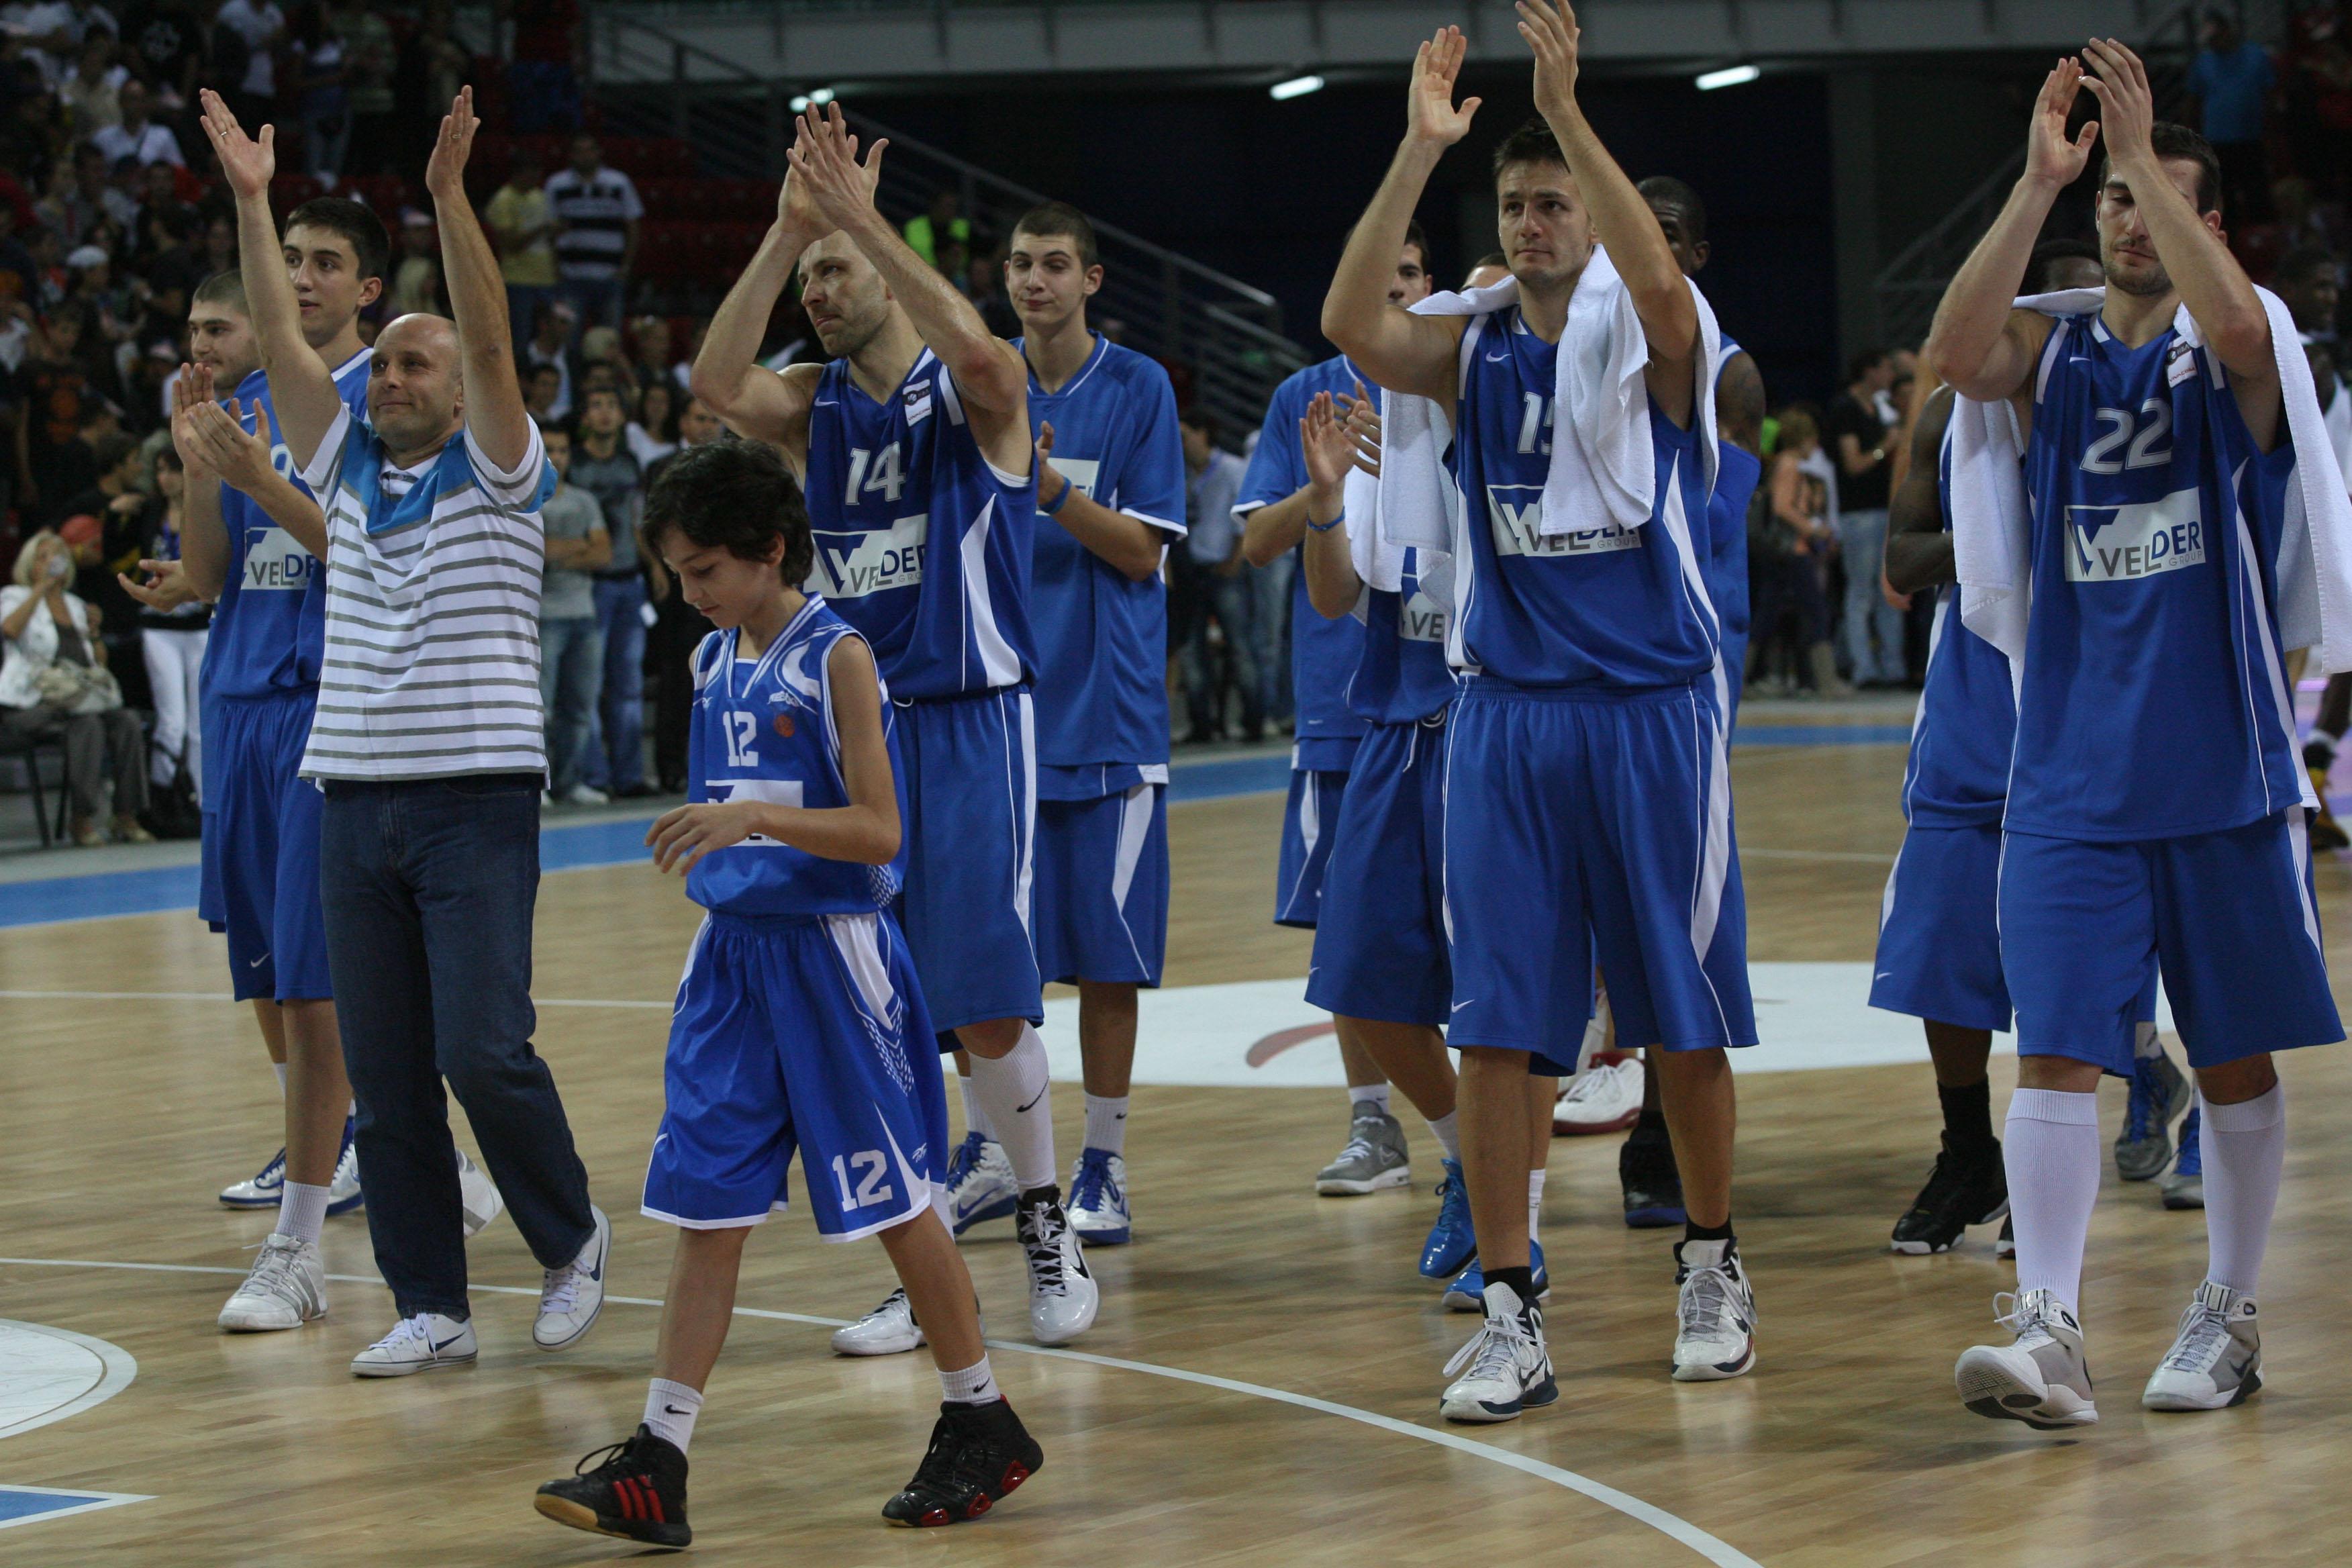 Левски с късметлийска победа в Балканската лига